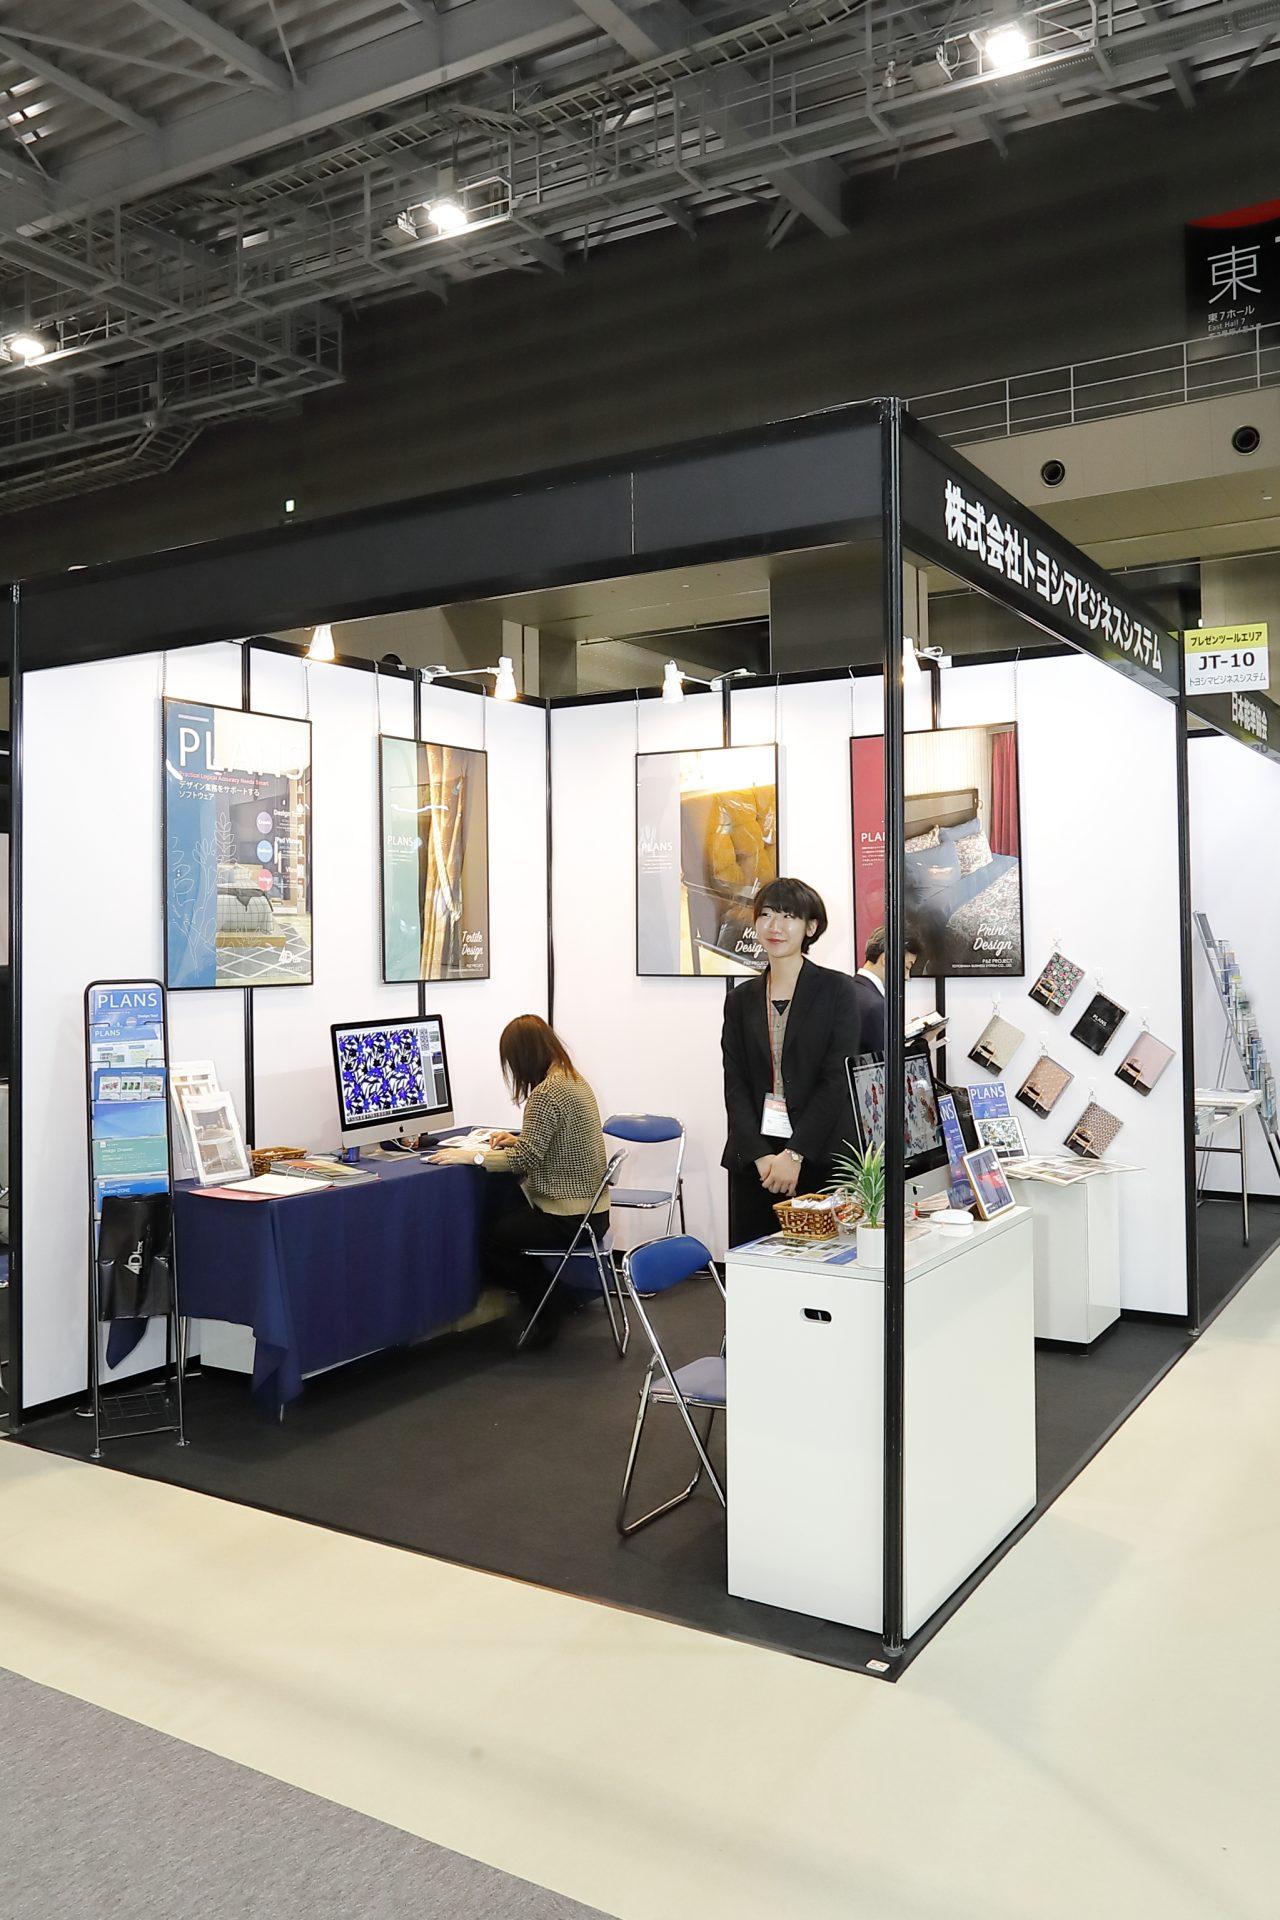 トヨシマビジネスシステムin JAPAN TEX 2018